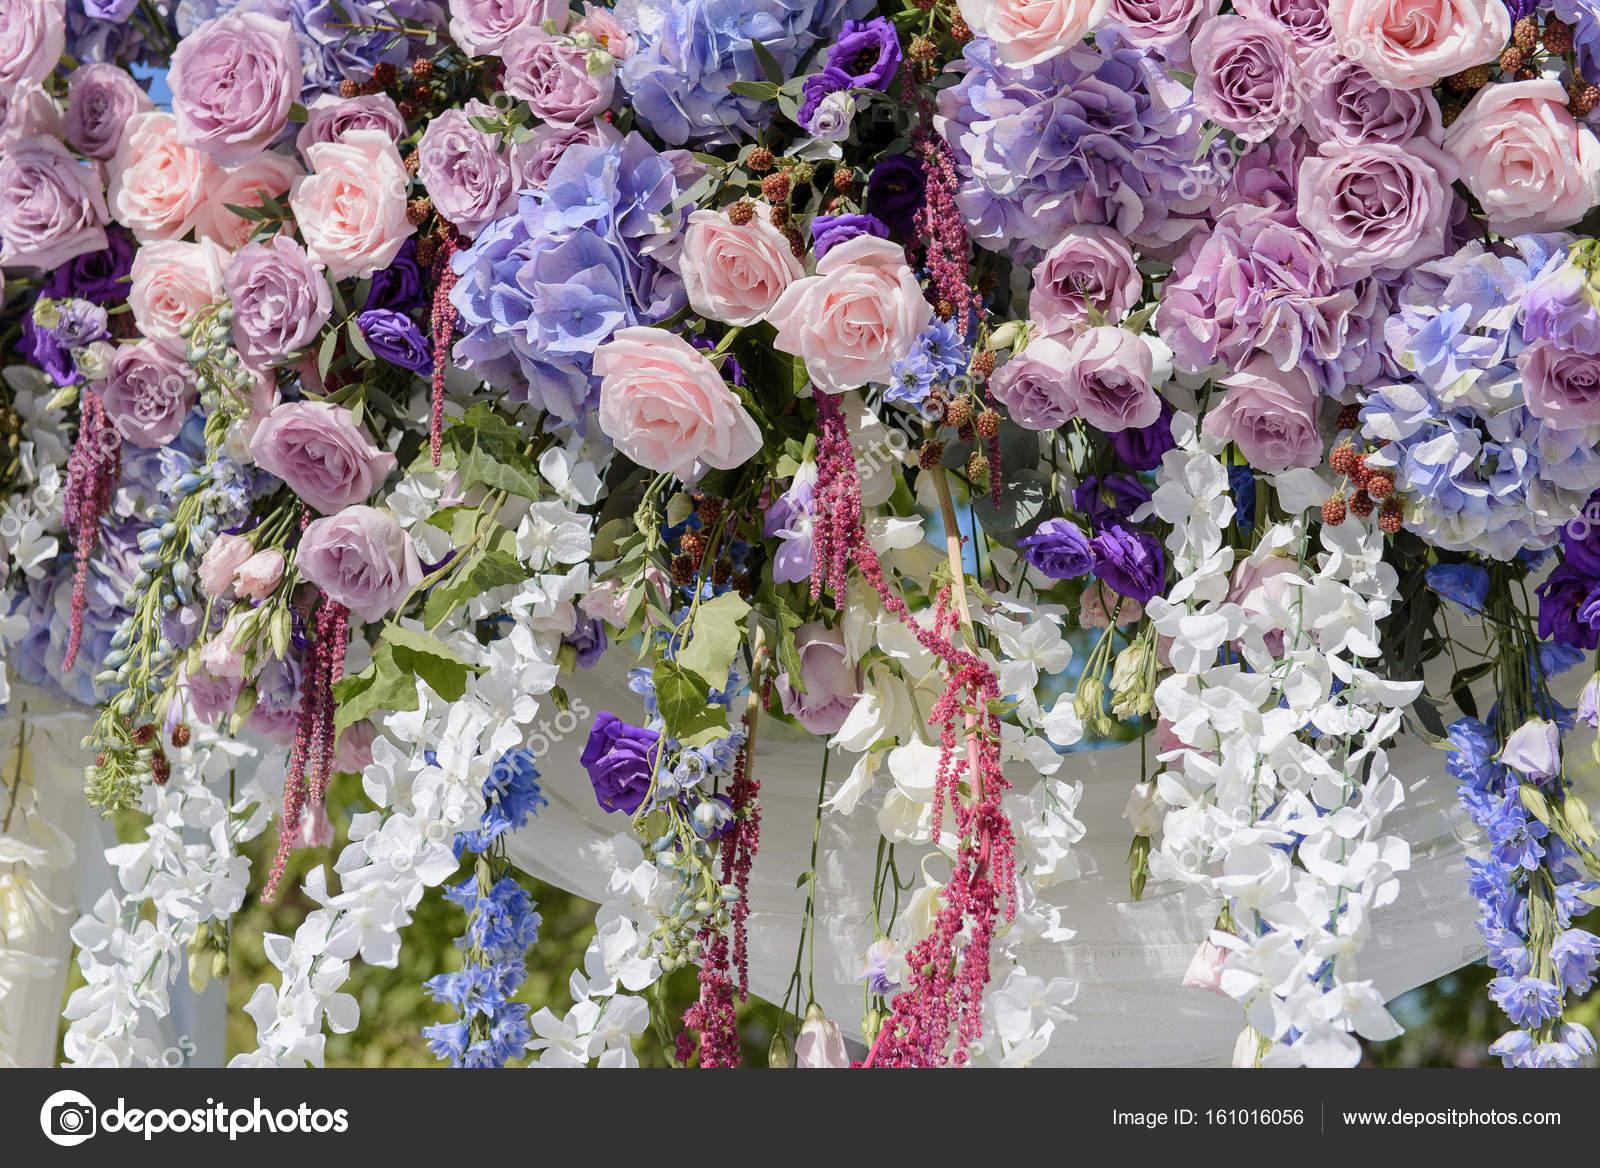 Blumendekoration Mit Violett Blau Rosa Und Weissen Blumen Fur Die